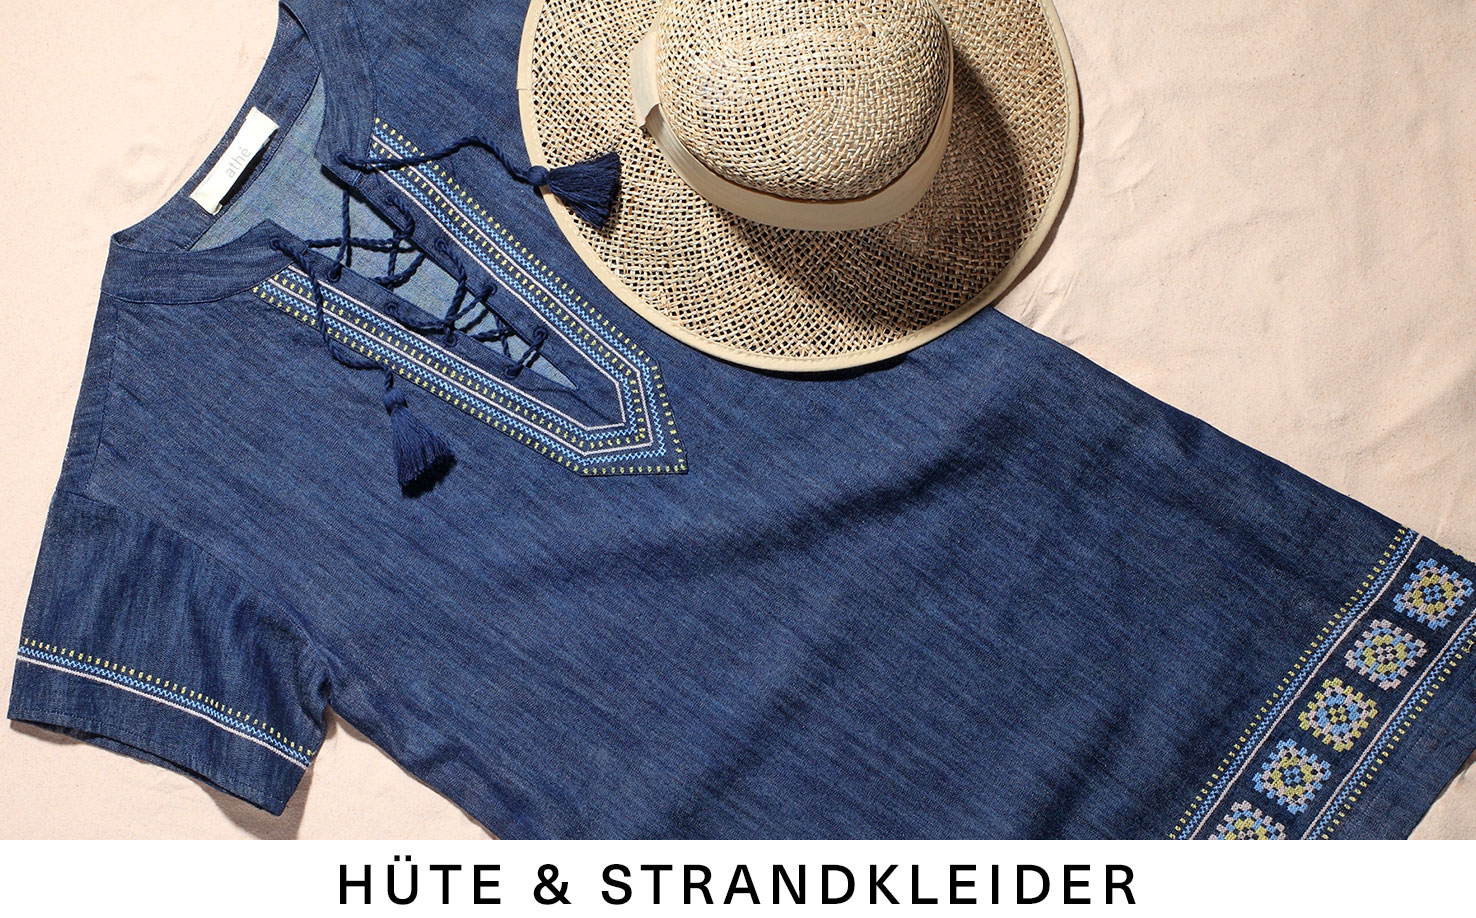 Hüte & Strandkleider